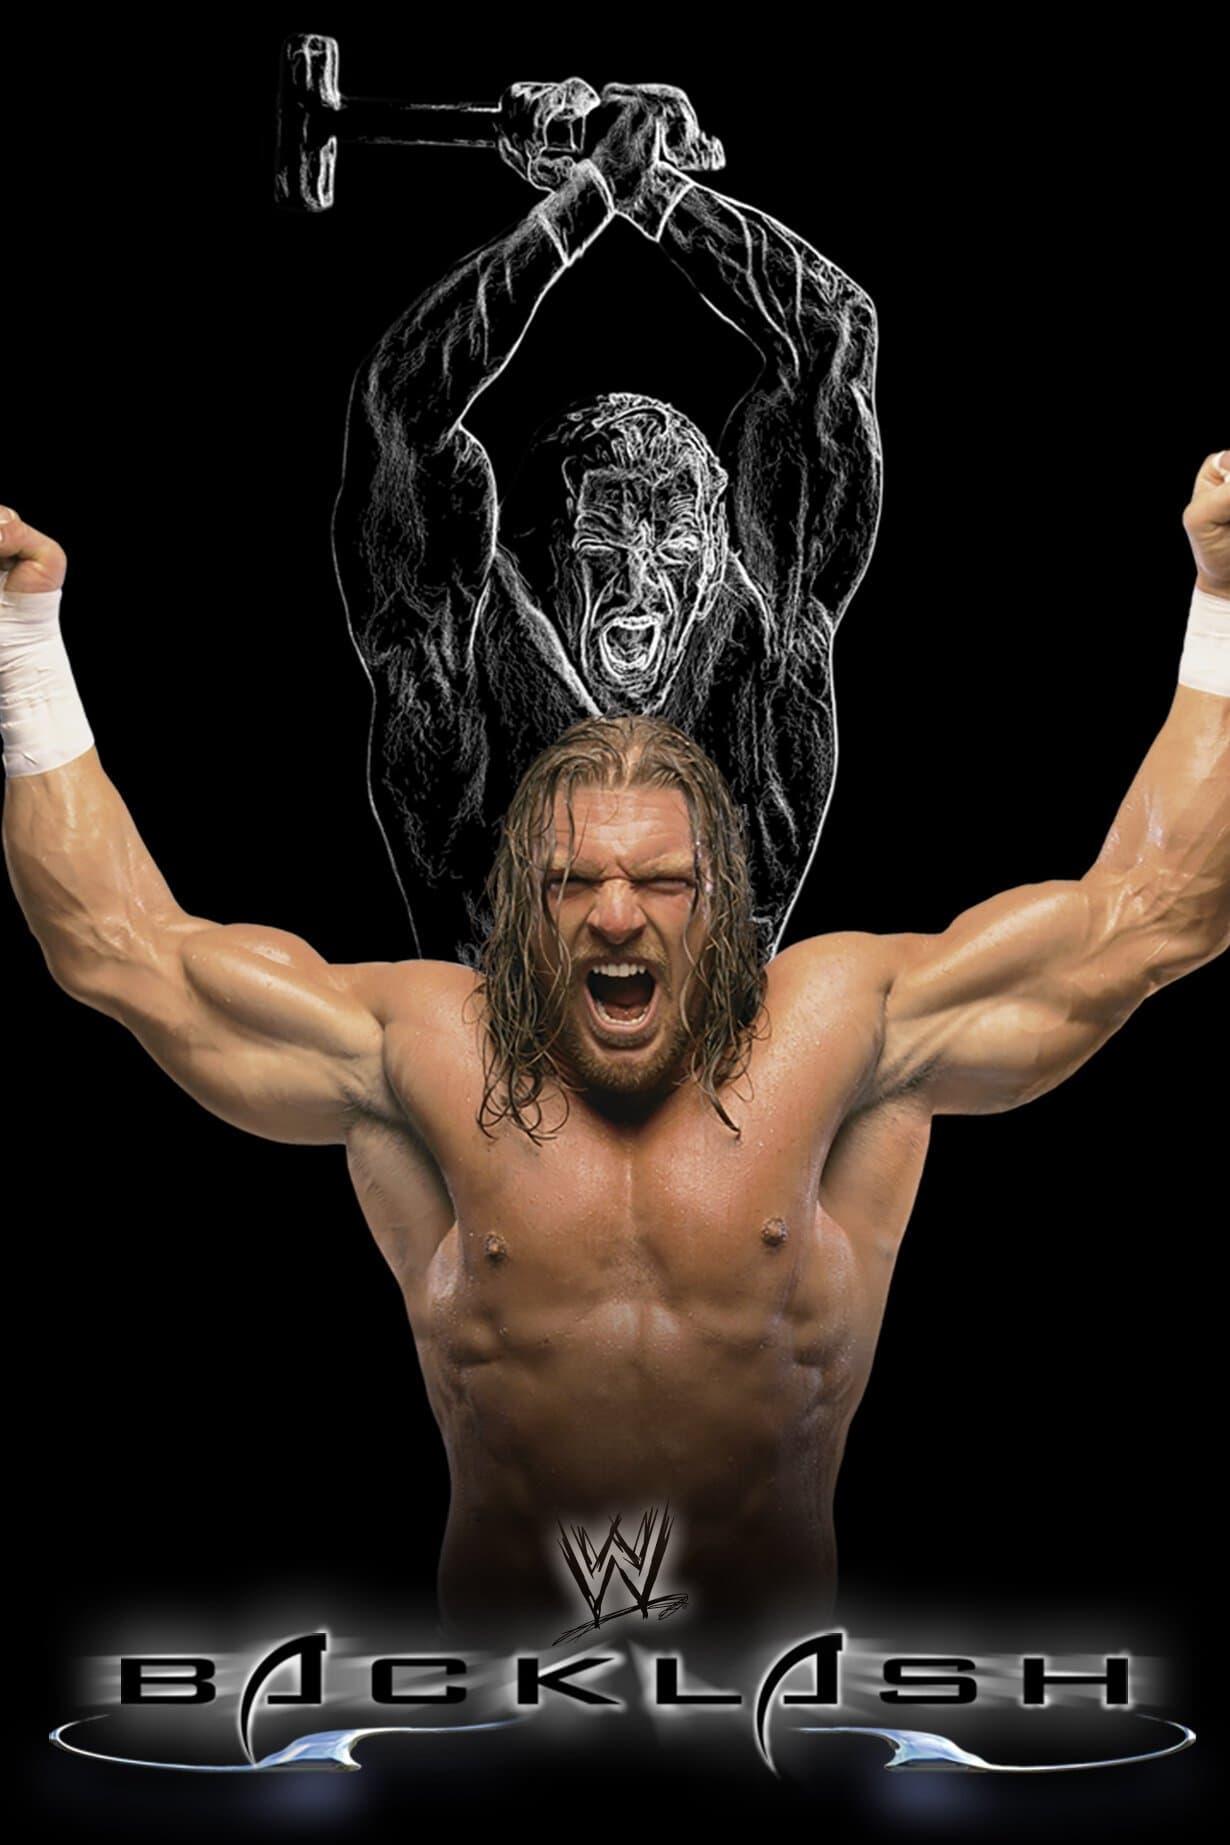 WWE Backlash 2001